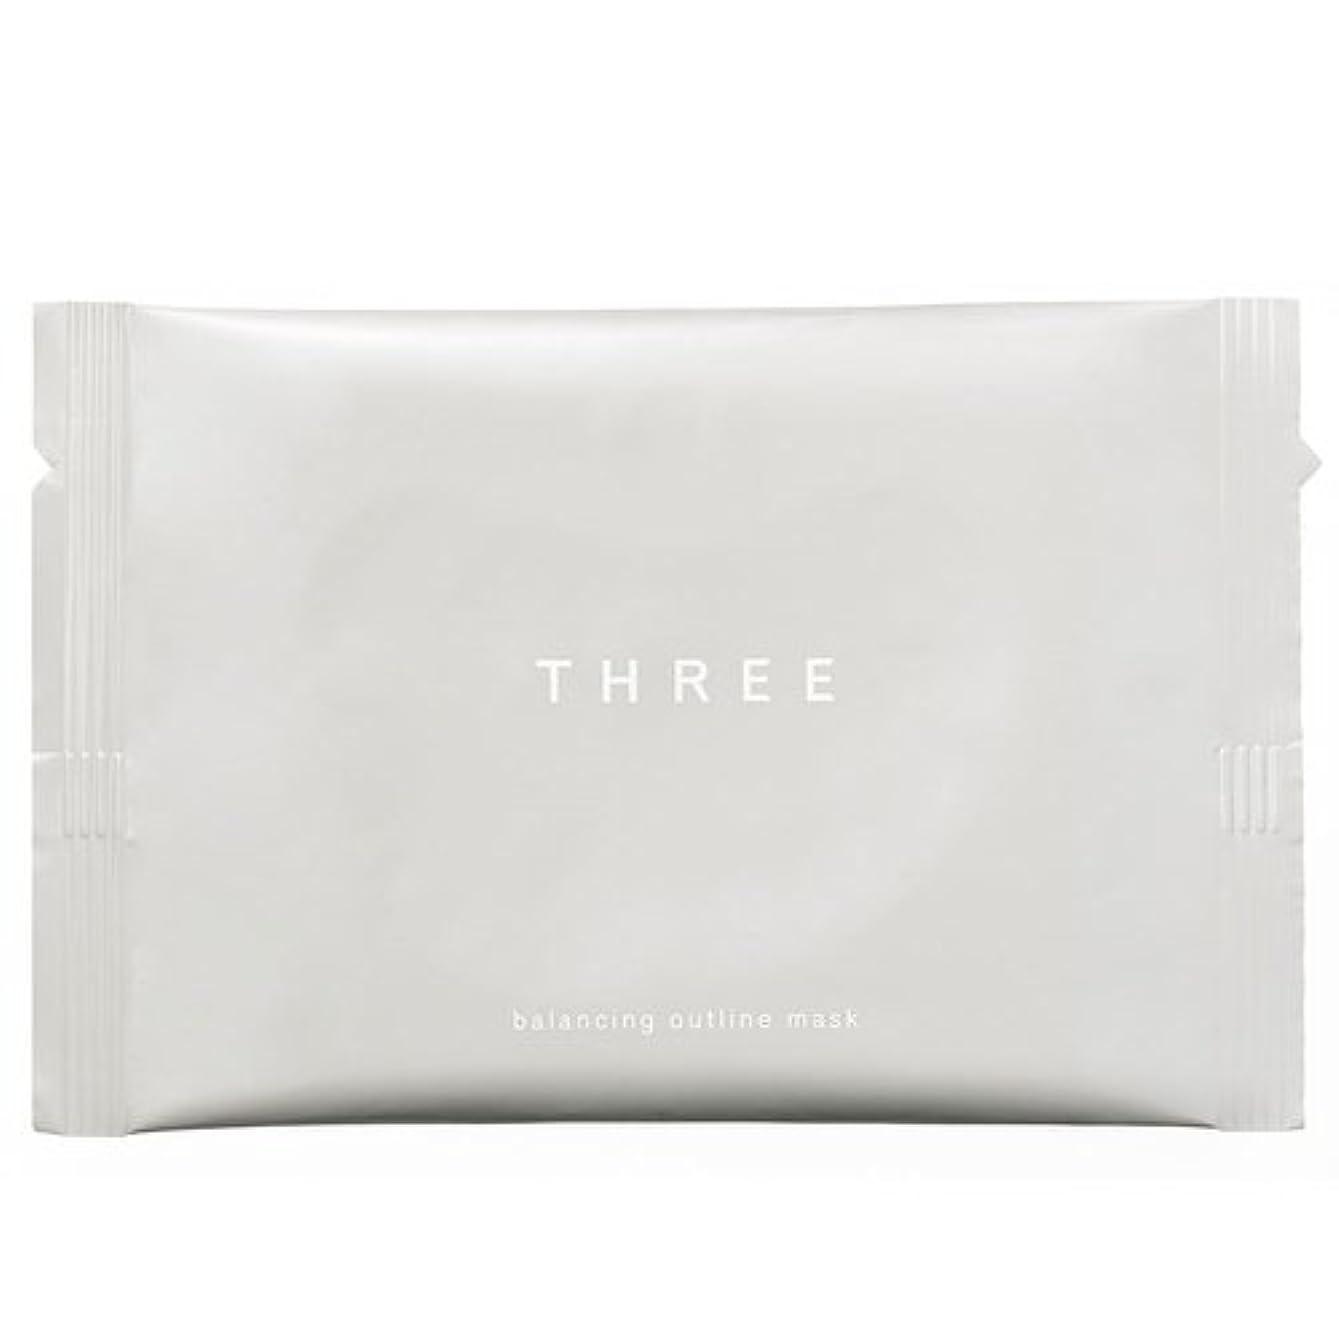 公使館バッテリー公平THREE(スリー) THREE バランシング アウトラインマスク